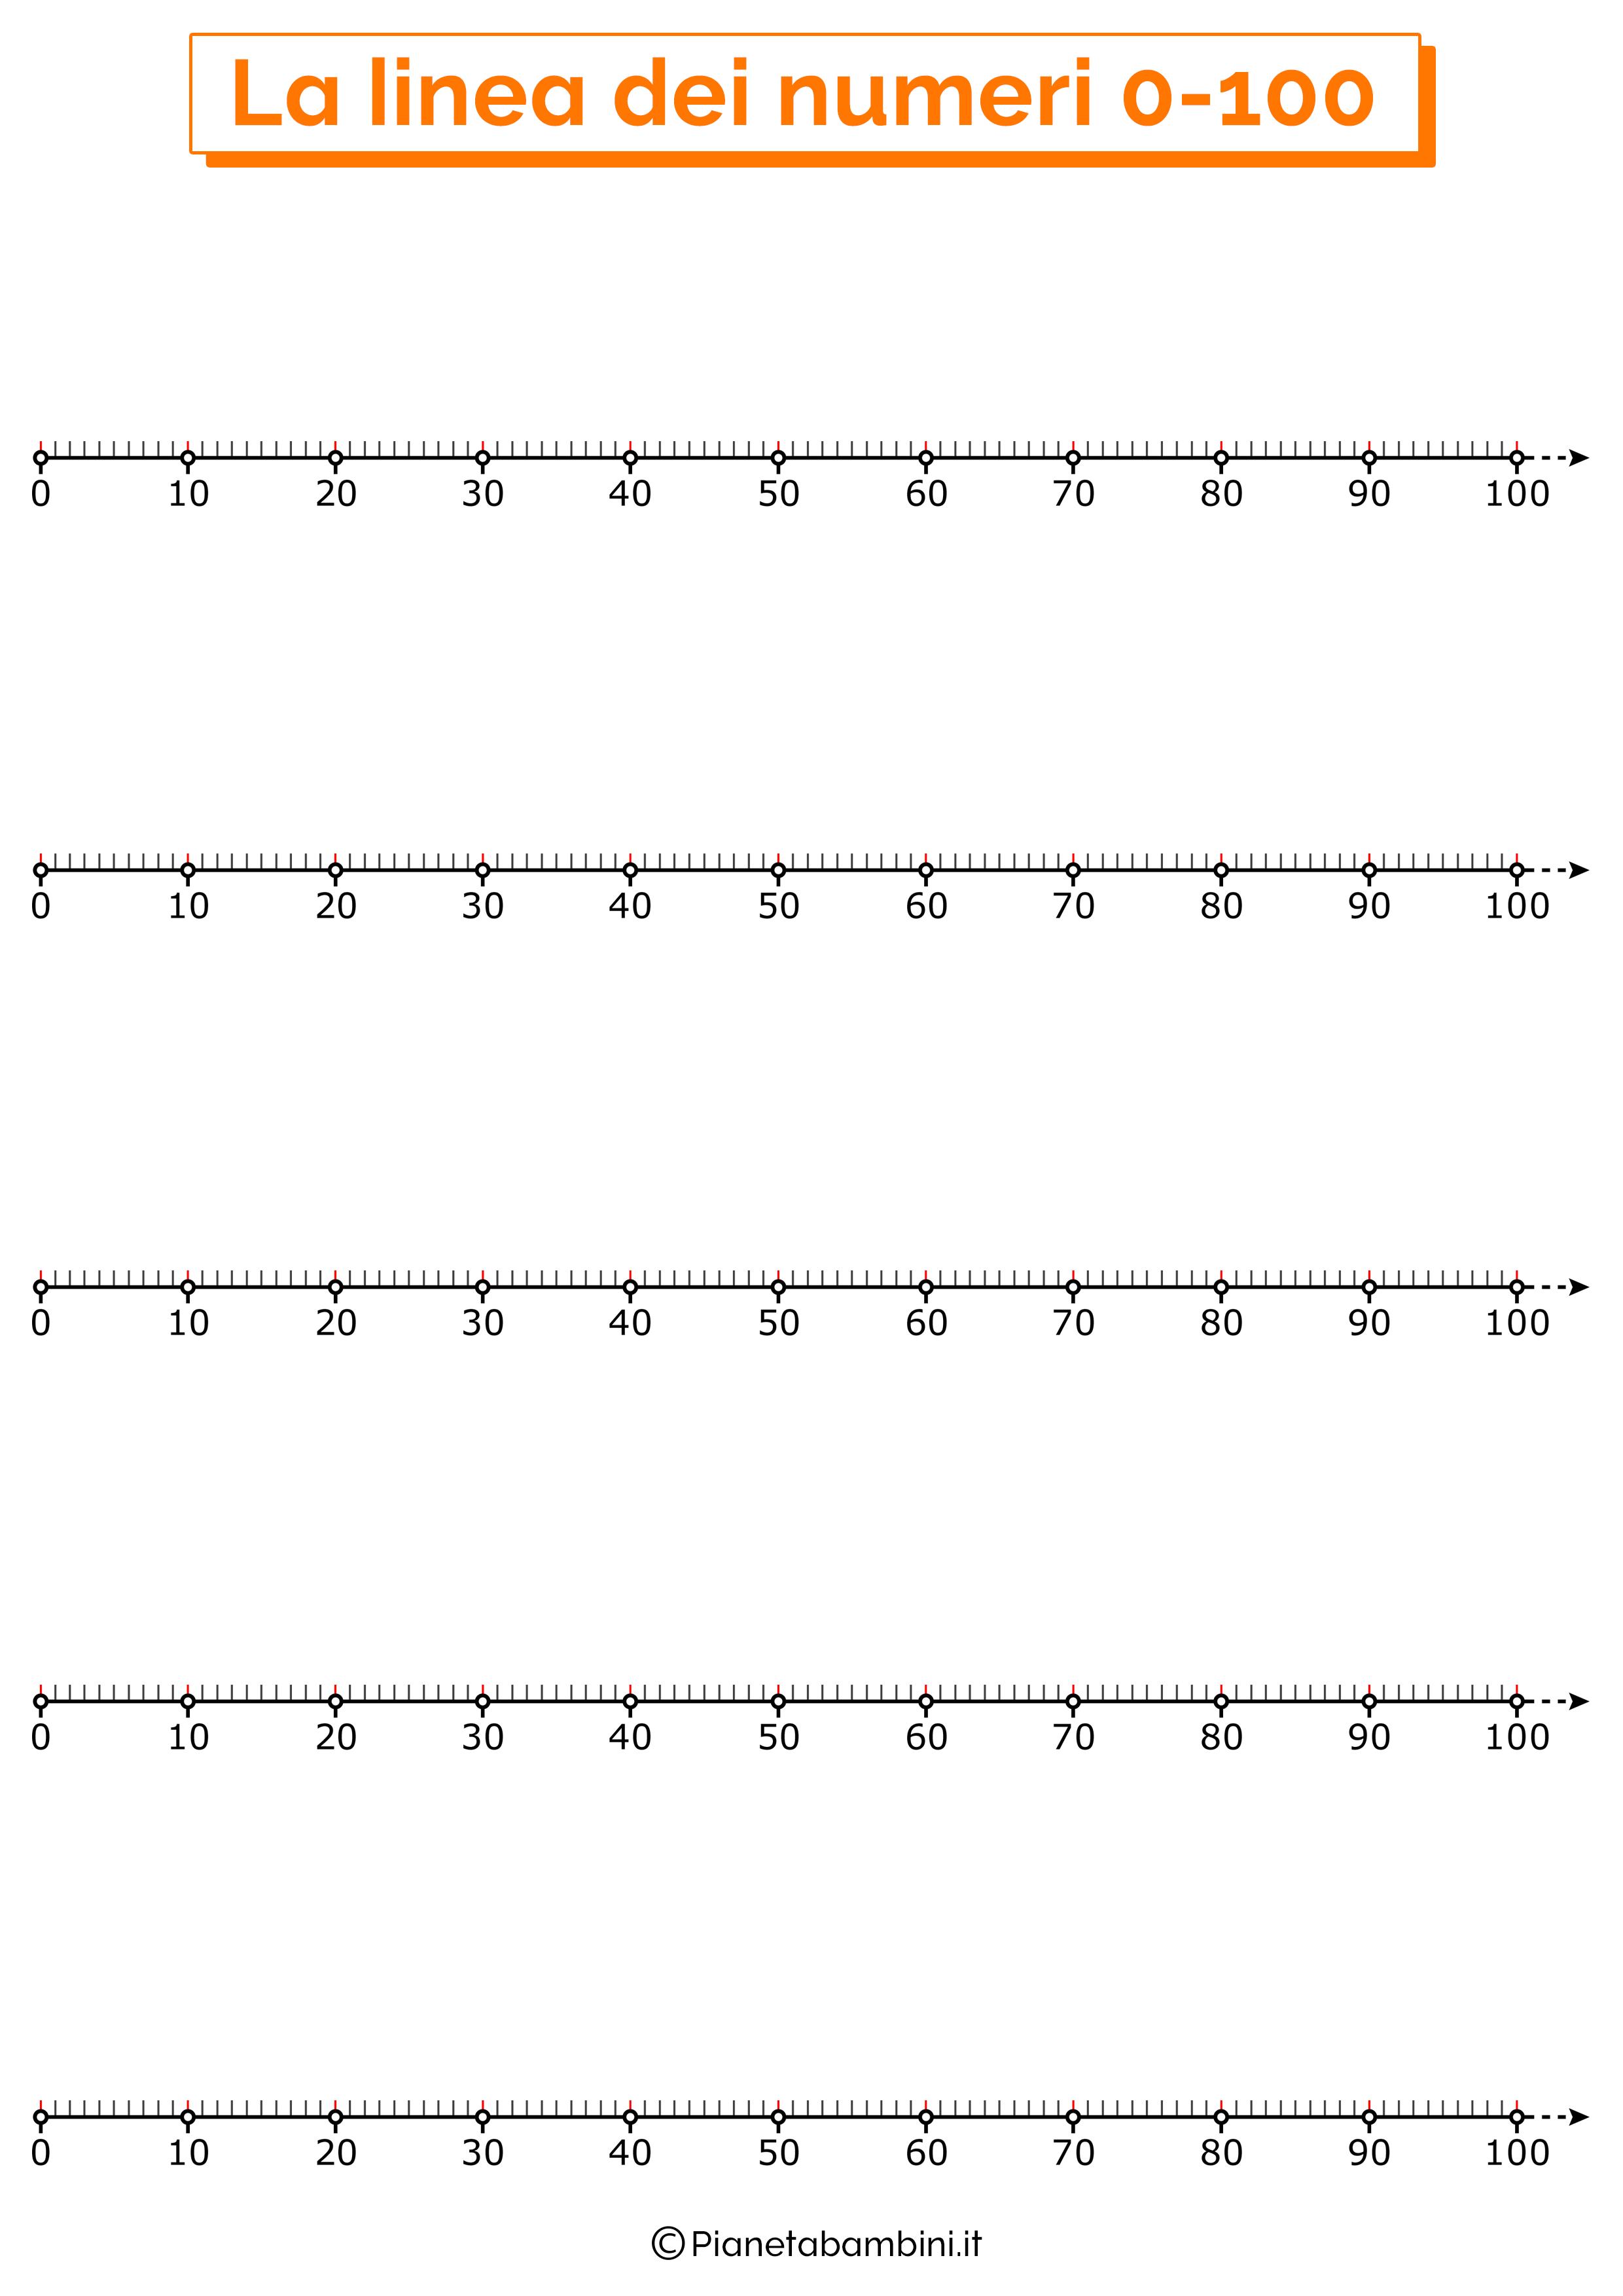 Linea dei numeri da 0 a 100 verticale